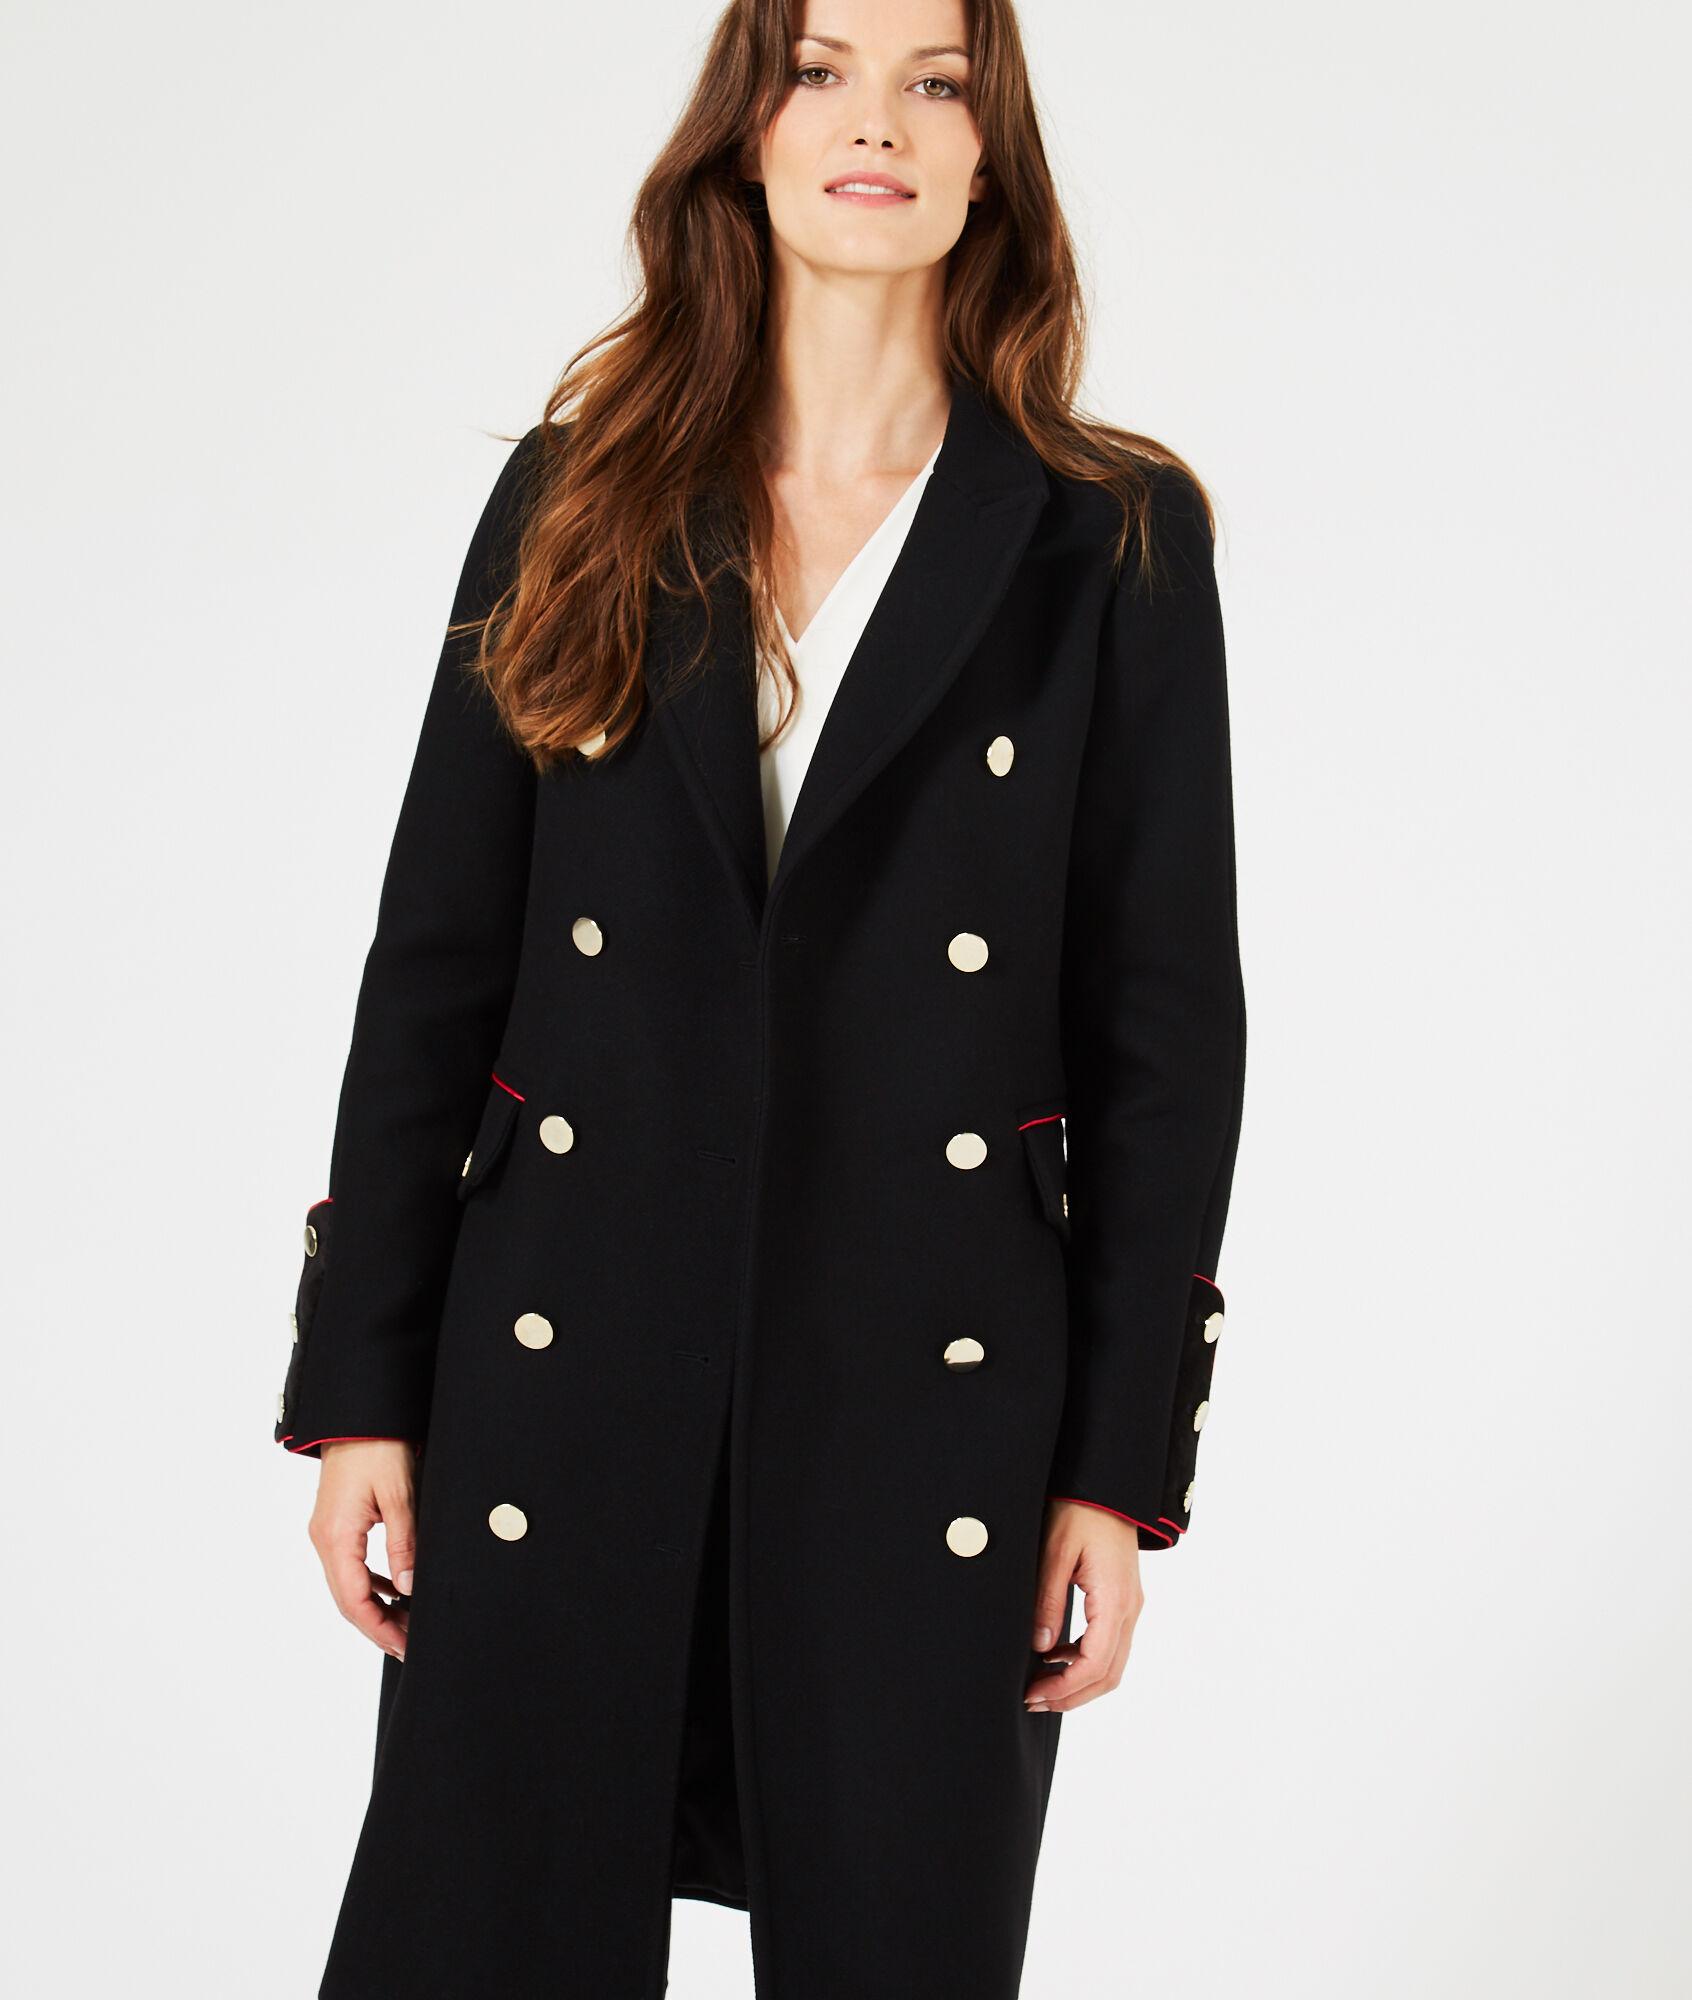 Manteau femme noir tres long